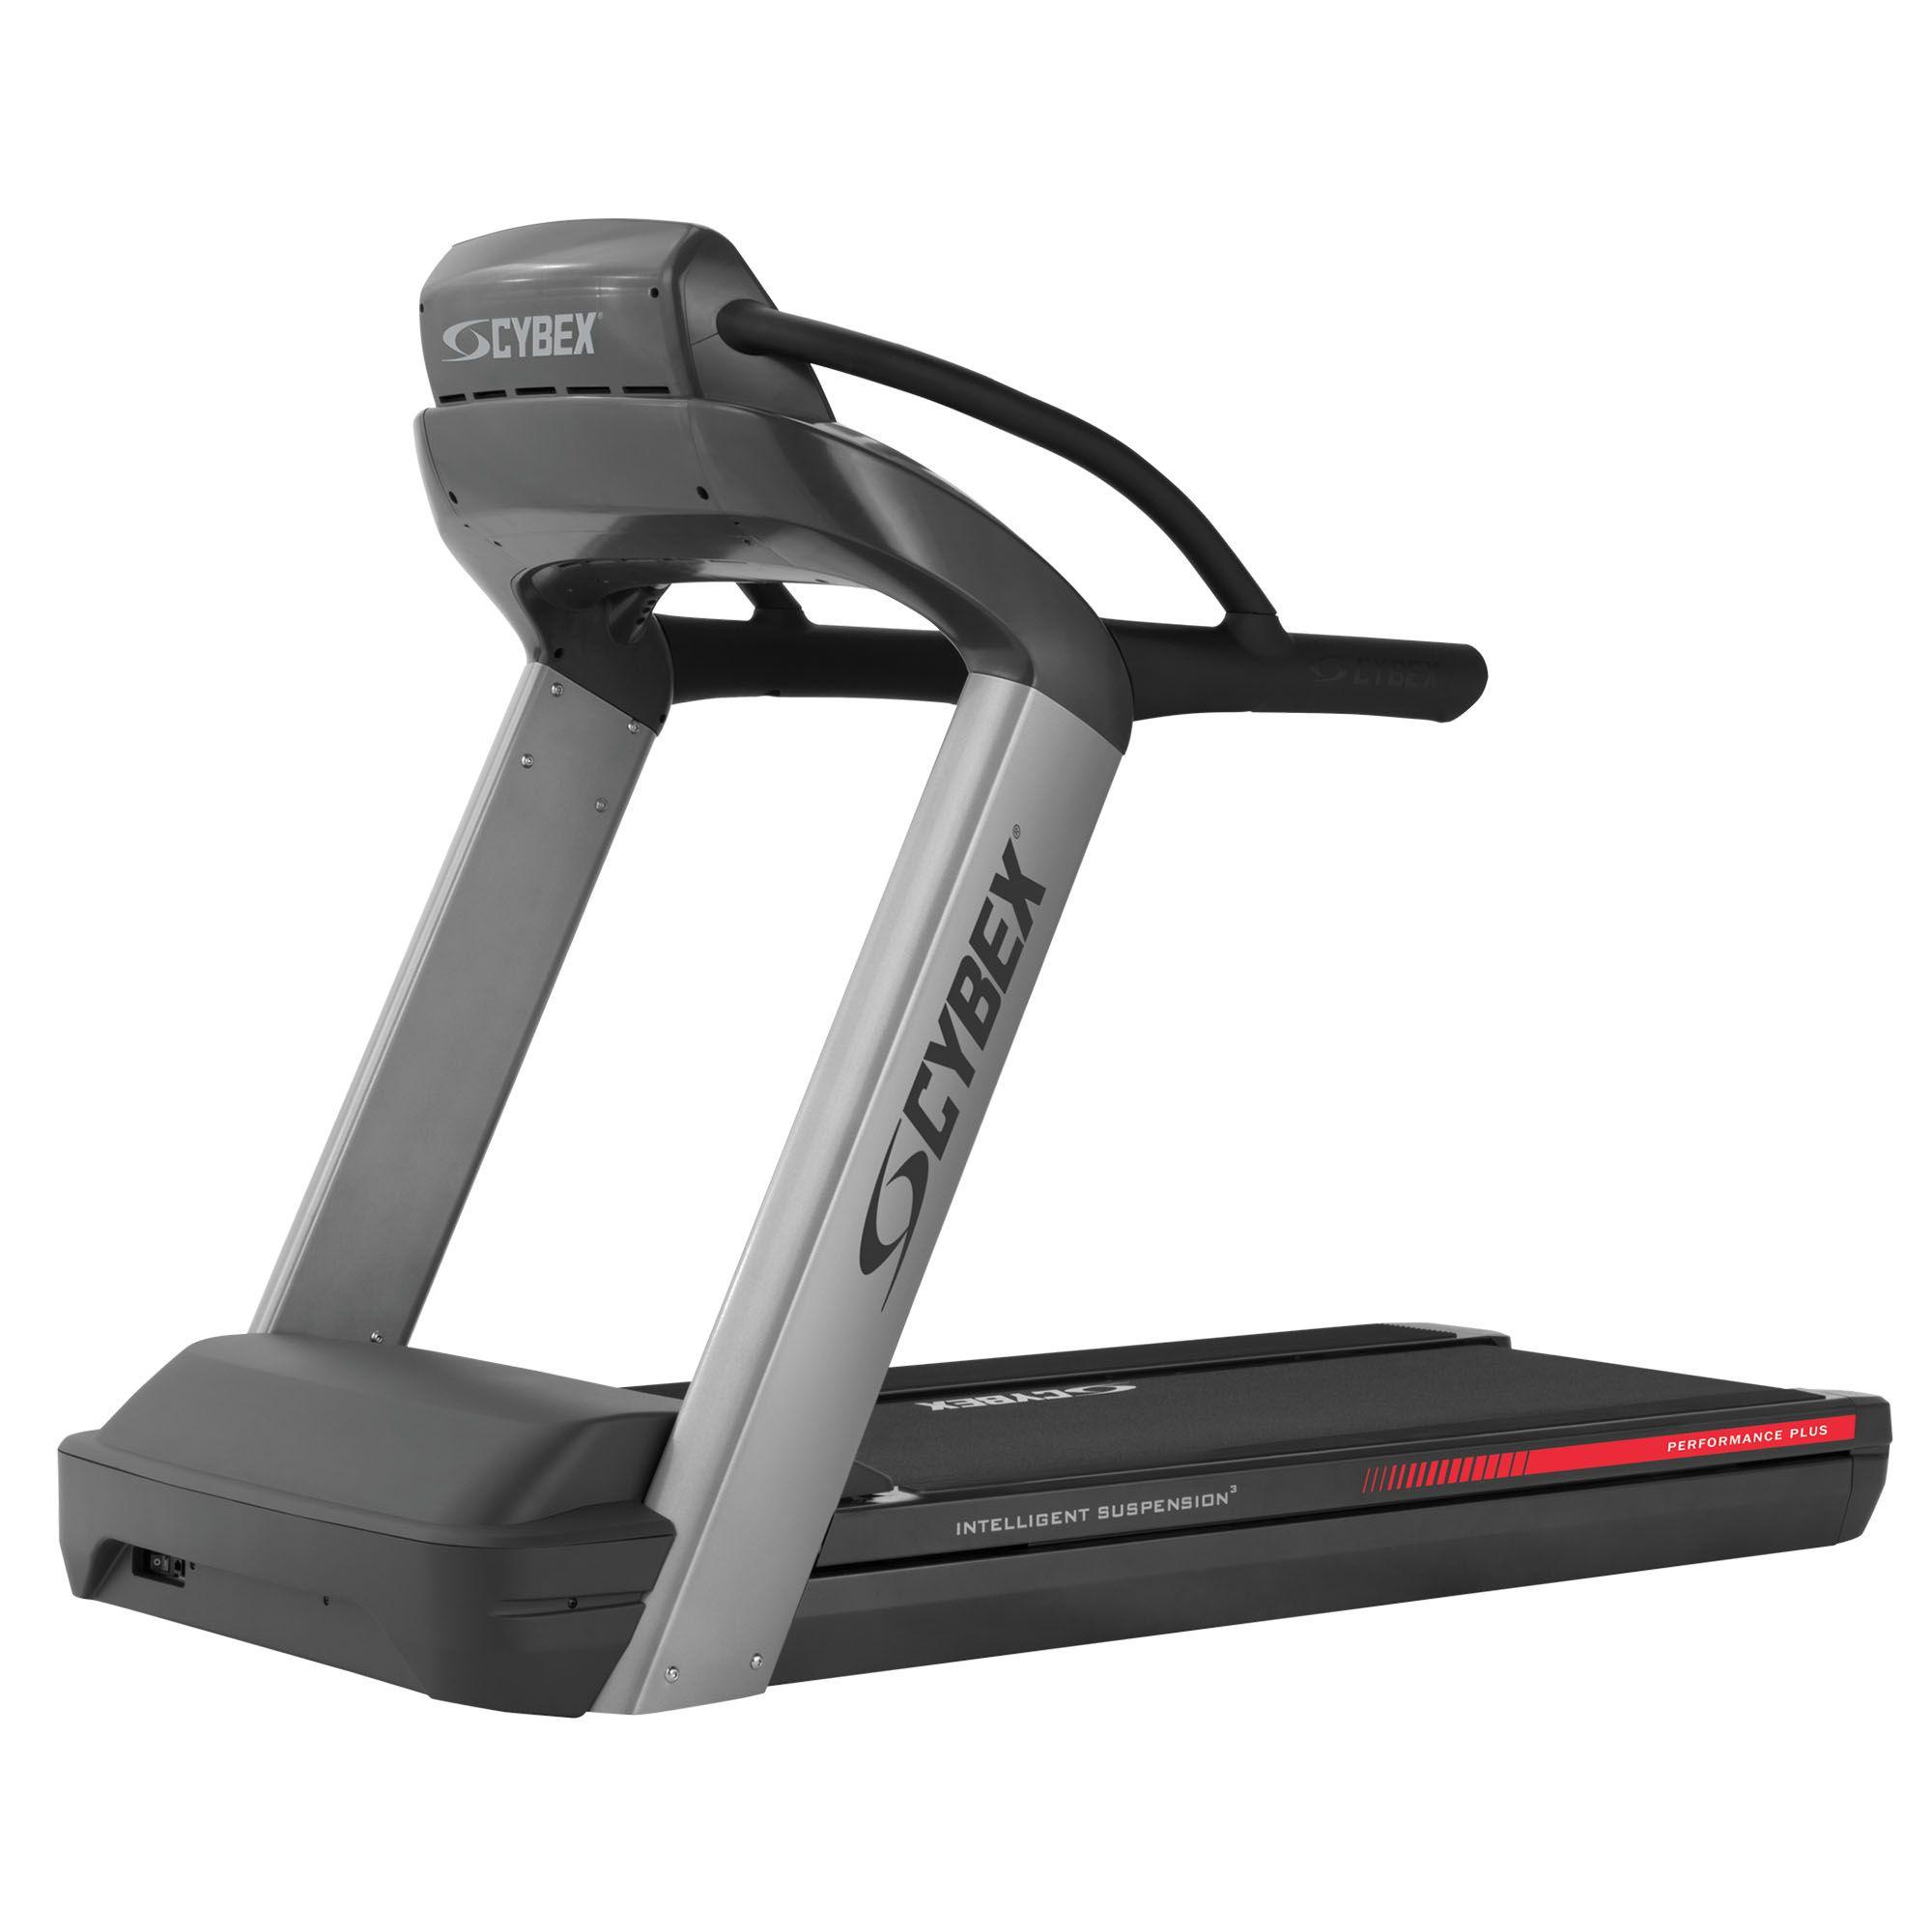 Cybex 750t Treadmill Manual